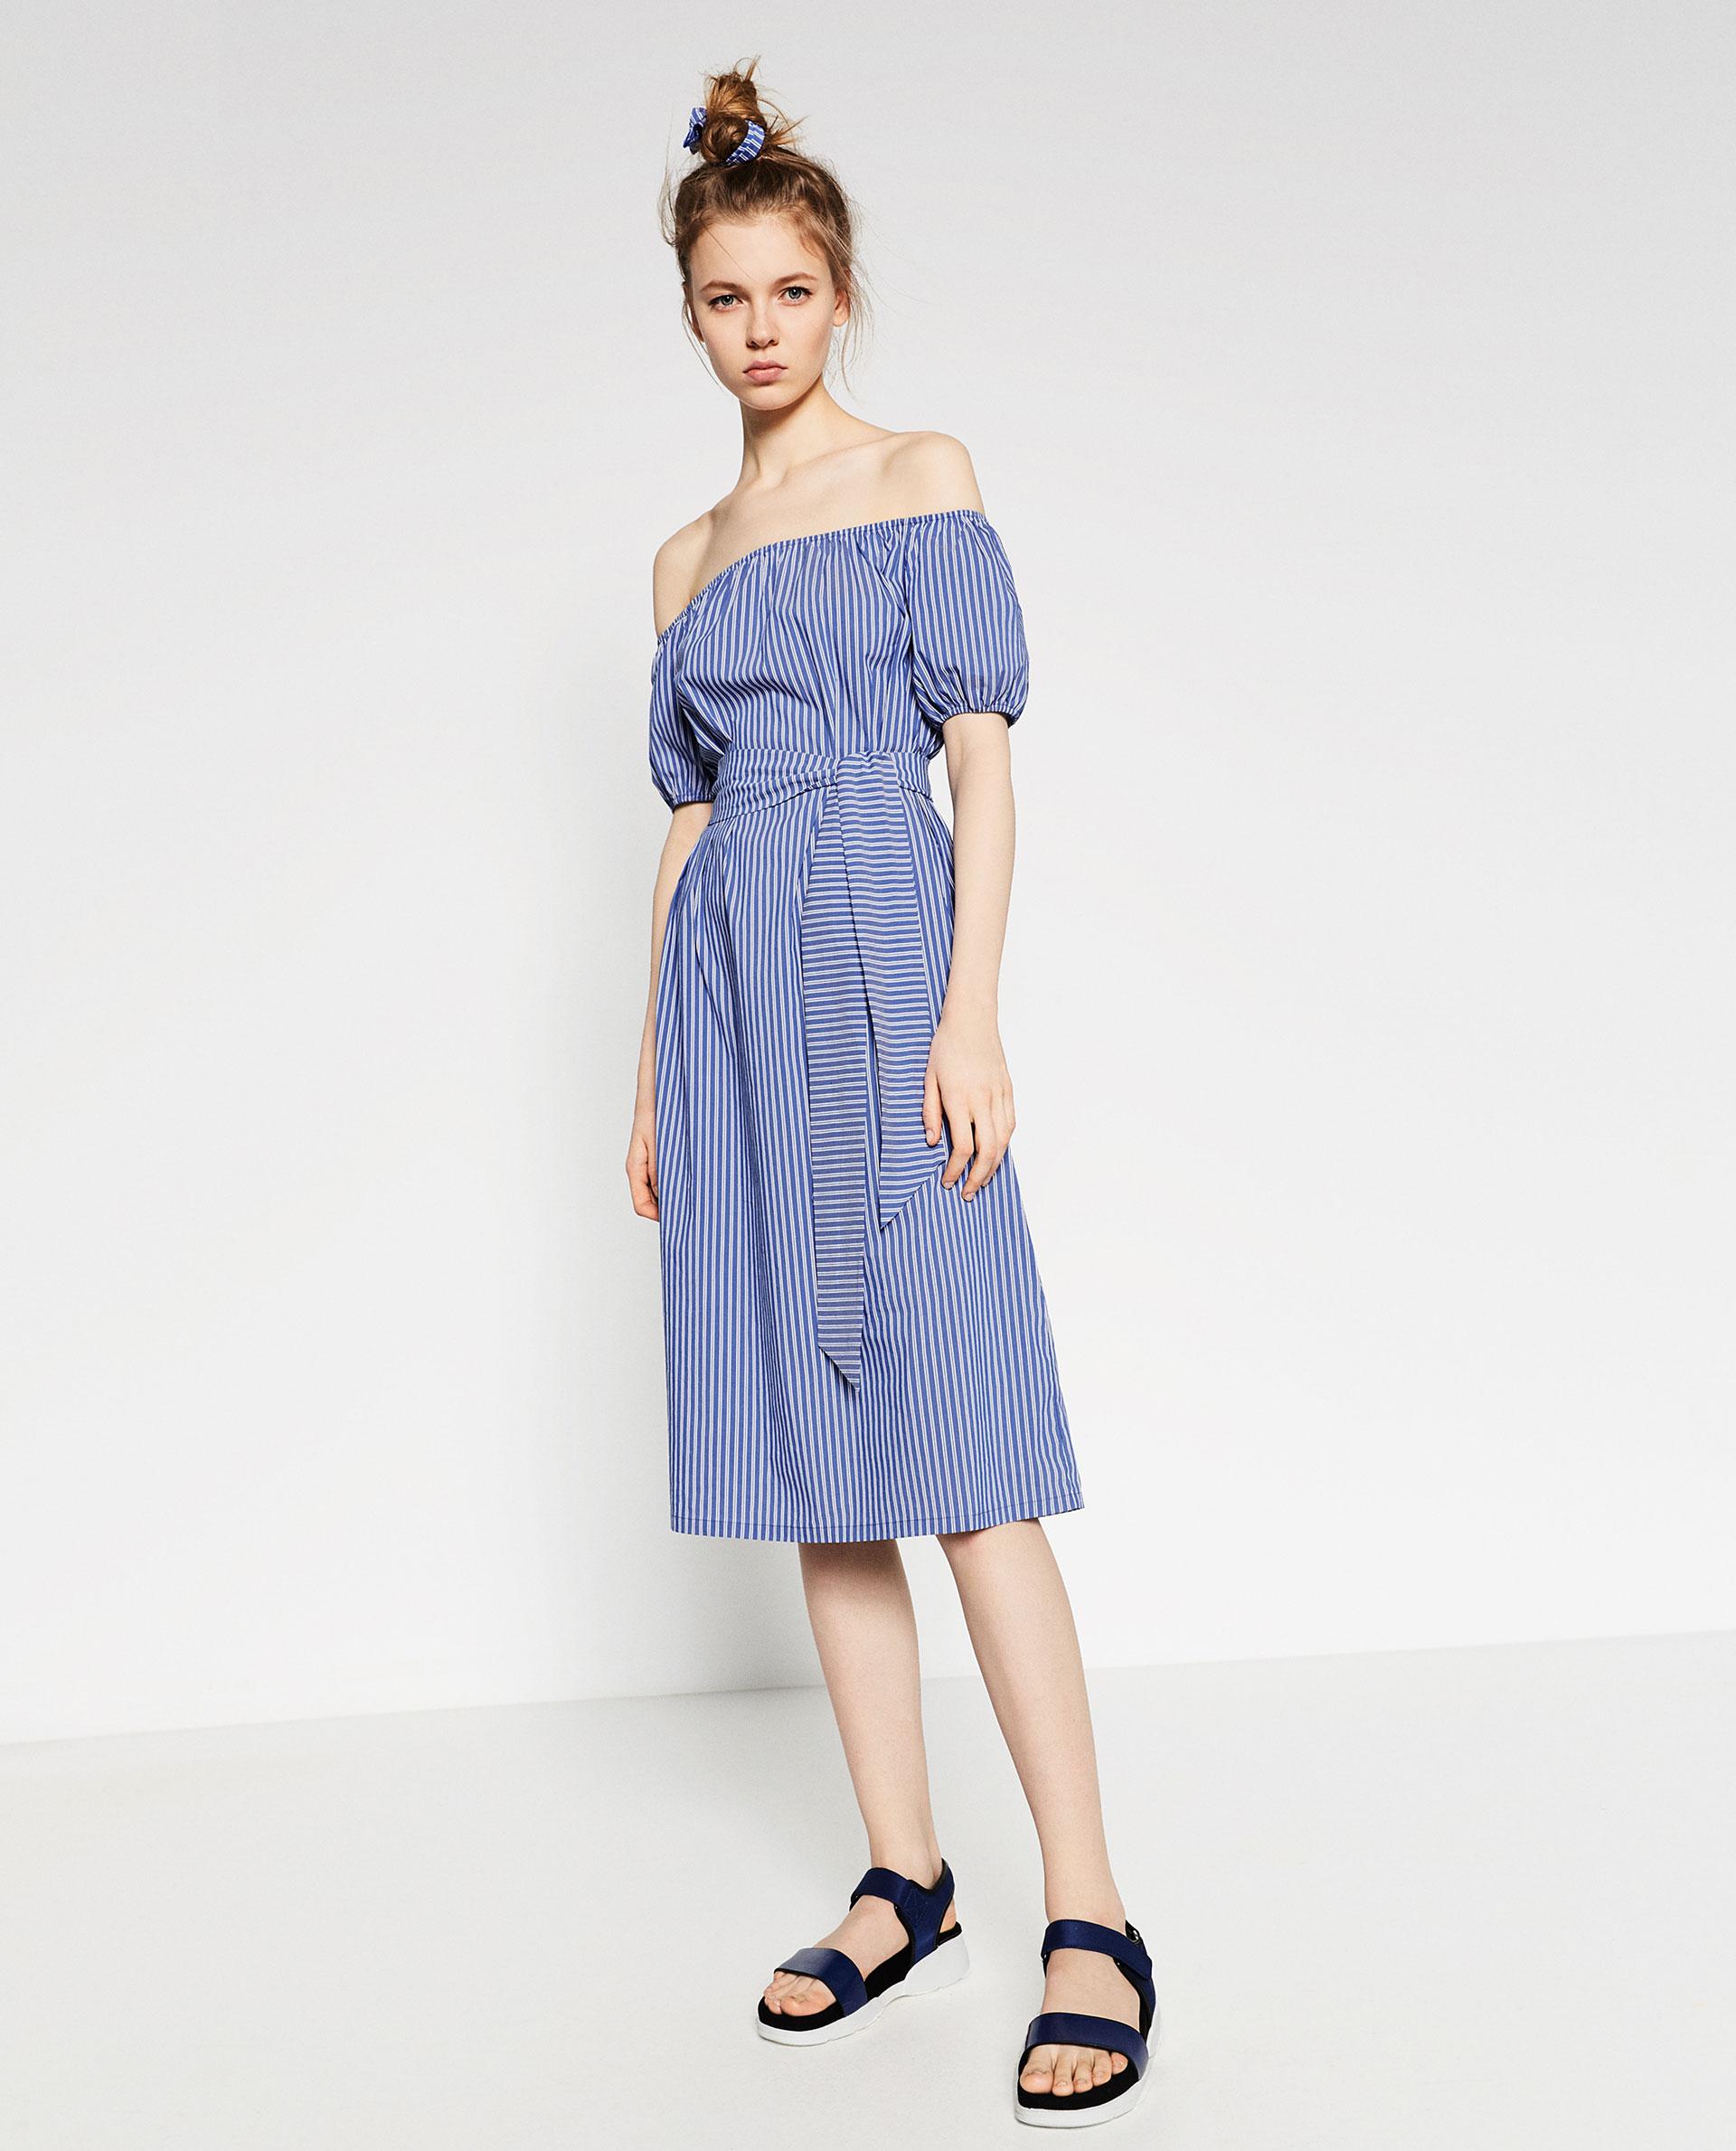 Zara robe.jpg